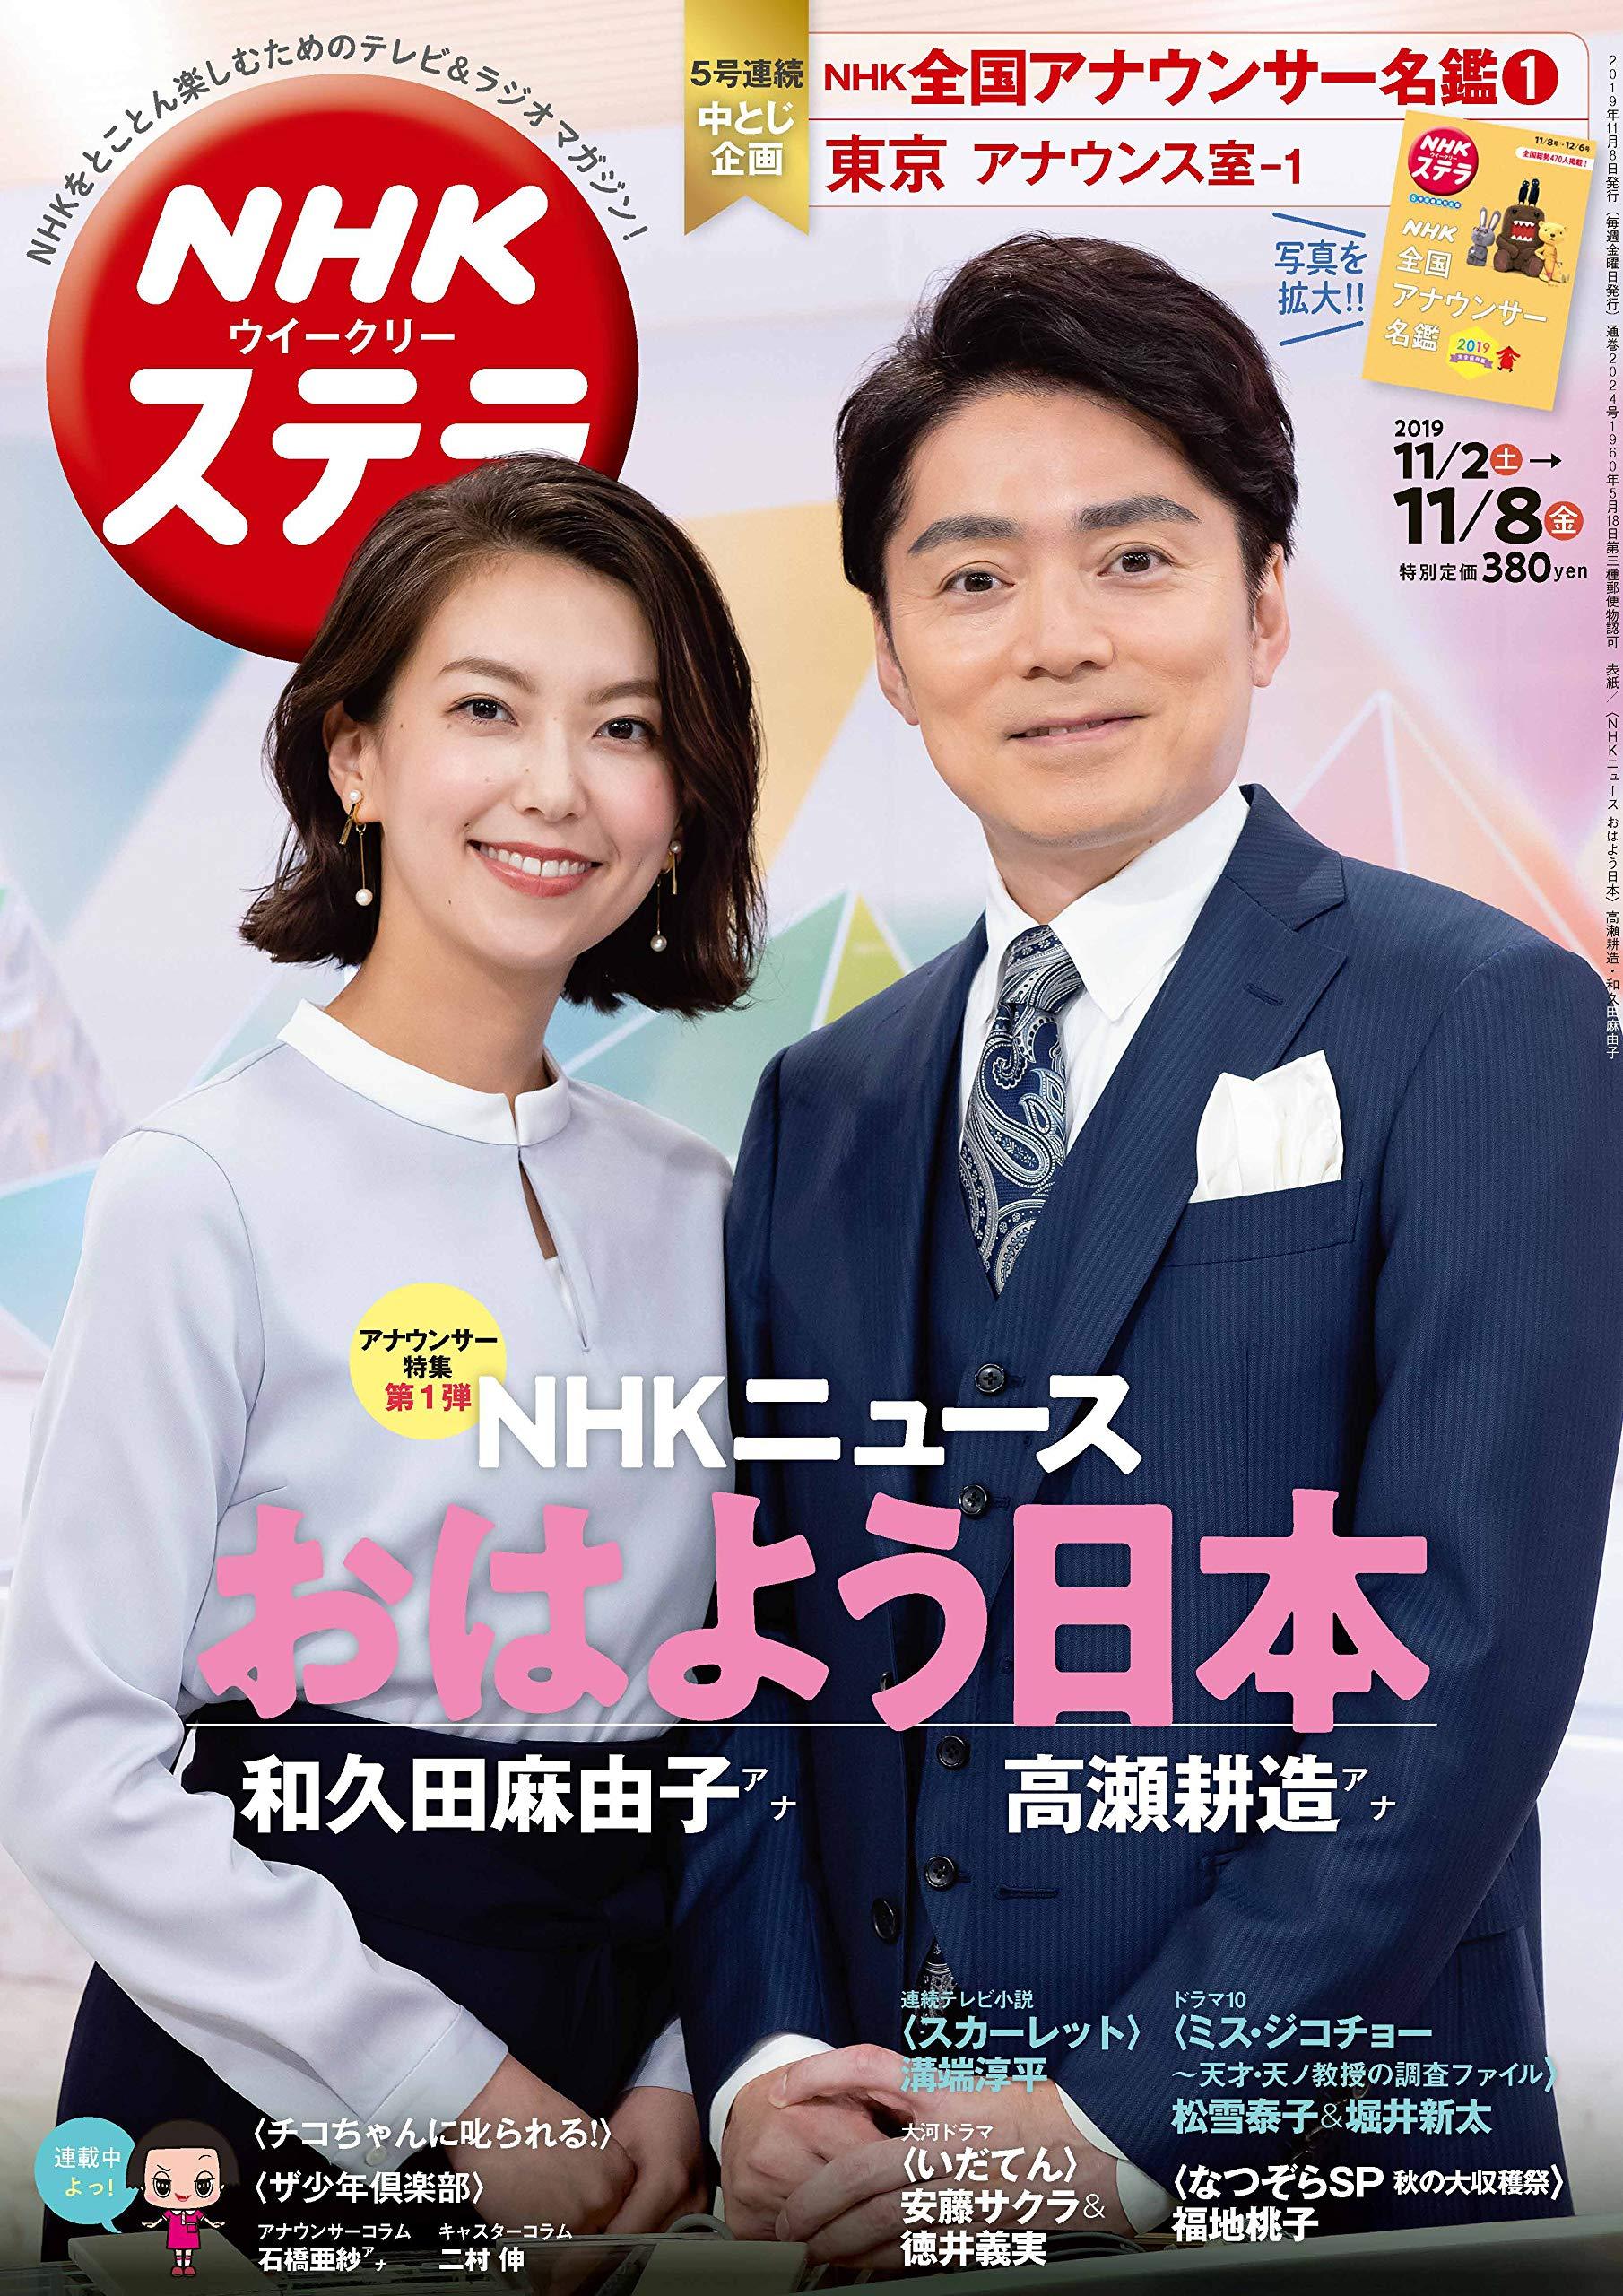 日本 アナウンサー おはよう Nhk